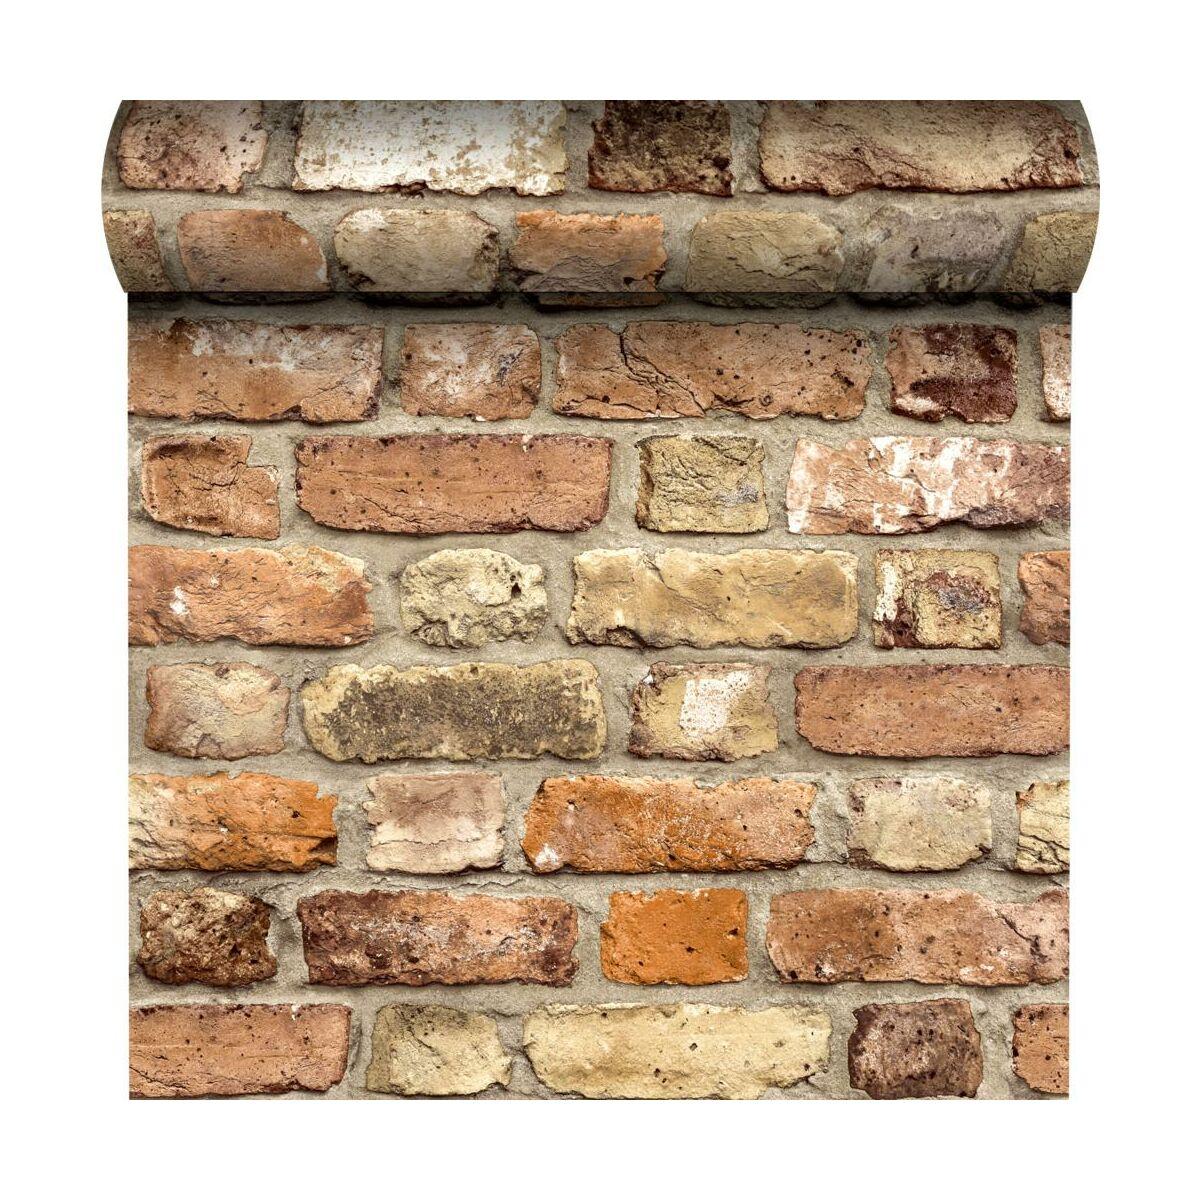 Tapeta Rustic Brick 3d Czerwona Imitacja Cegly Winylowa Na Flizelinie Tapety W Atrakcyjnej Cenie W Sklepach Leroy Merlin